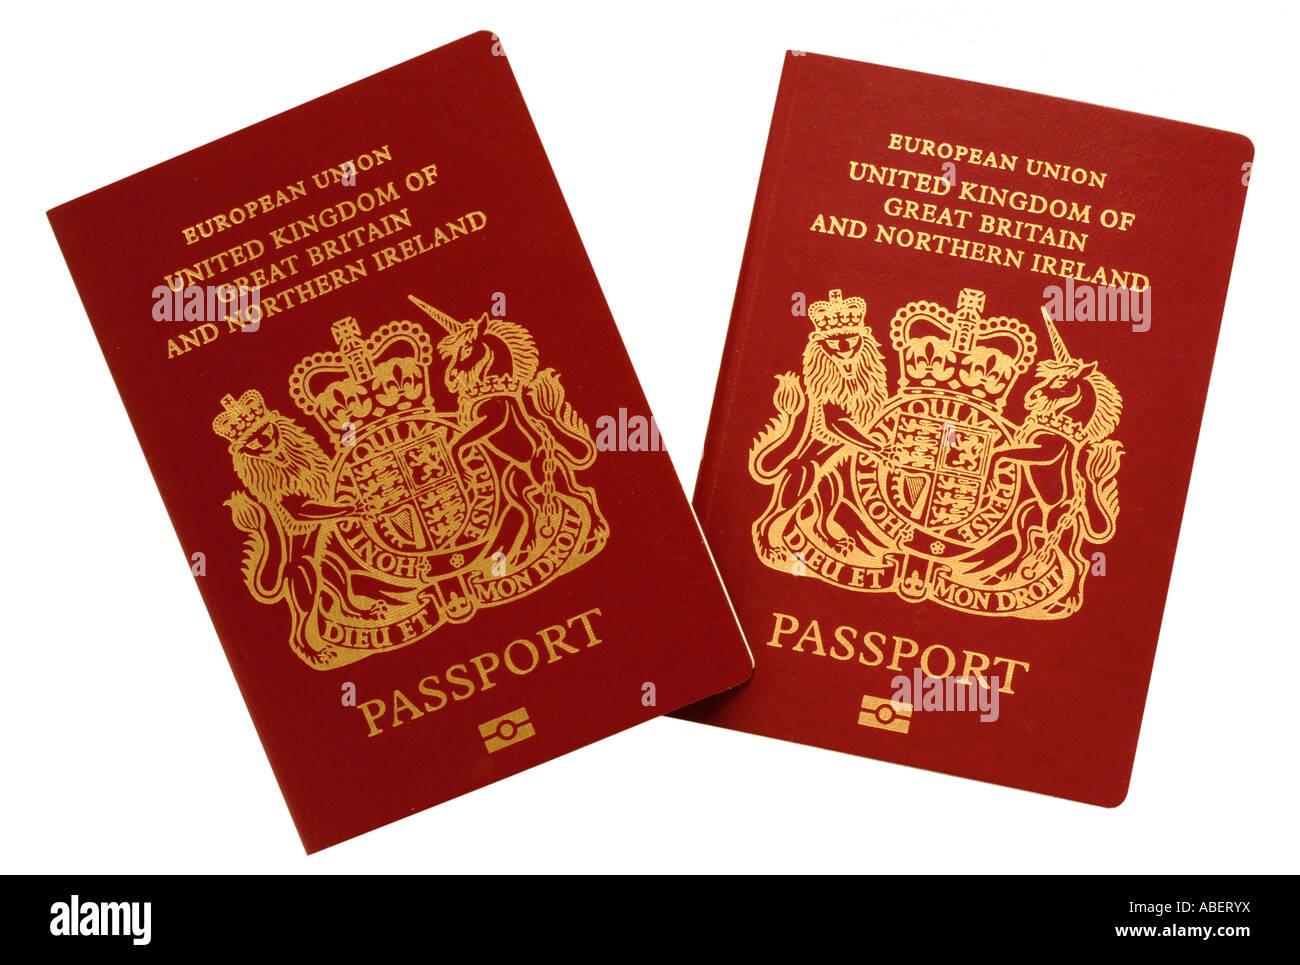 Biometric Passport, British passport, passport - Stock Image